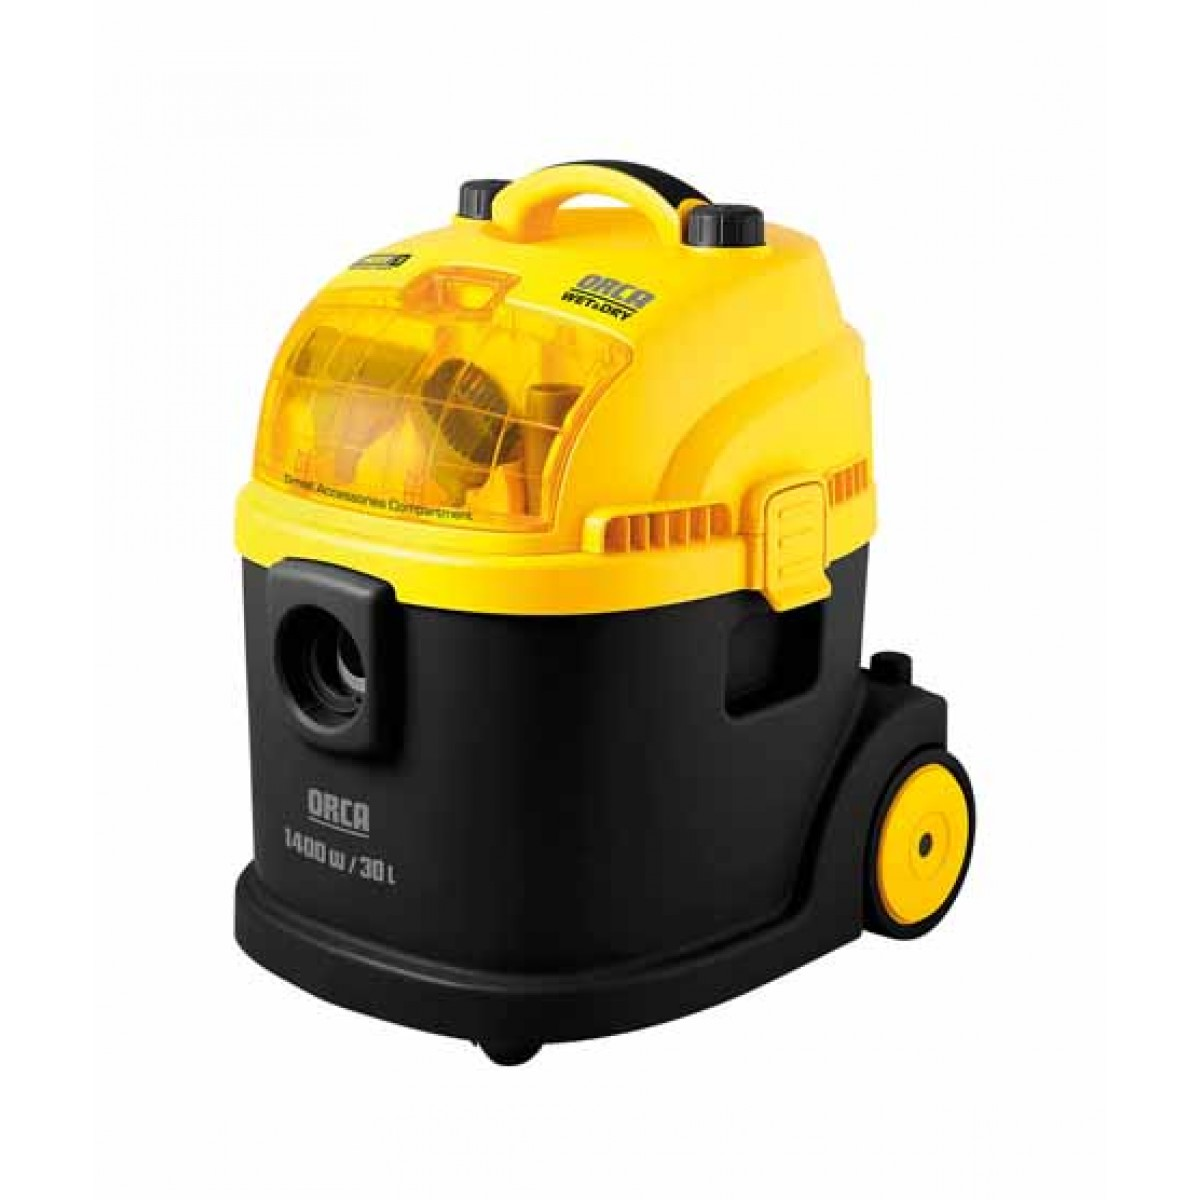 Sencor Wet & Dry Vacuum Cleaner 1400W (SVC-3001-Orca)